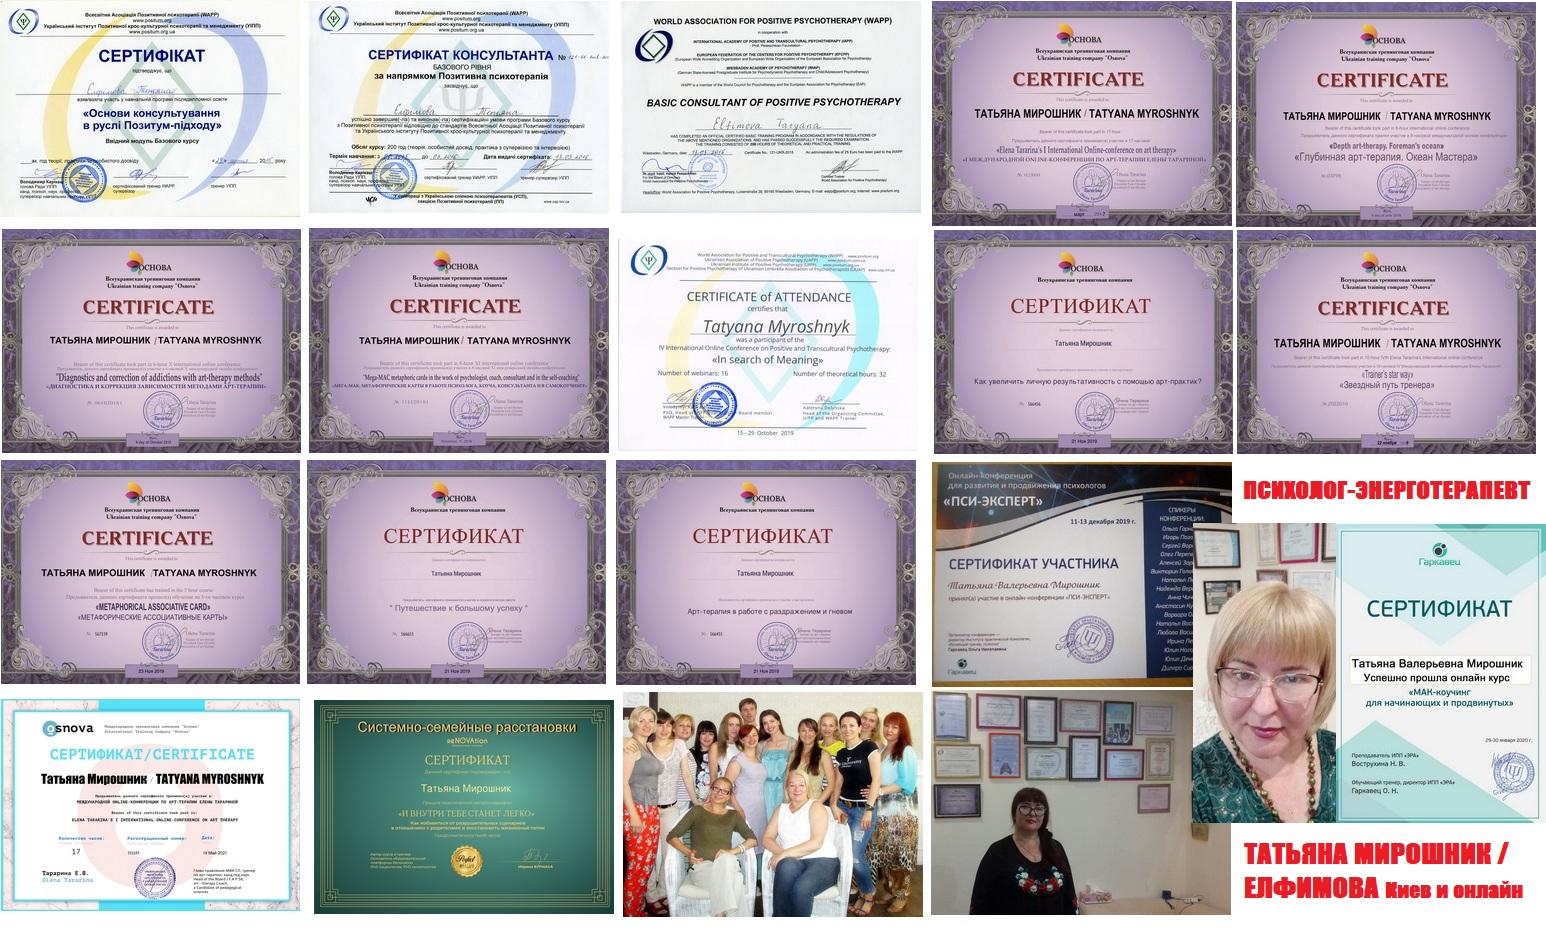 Дипломы и сертификаты, квалификация